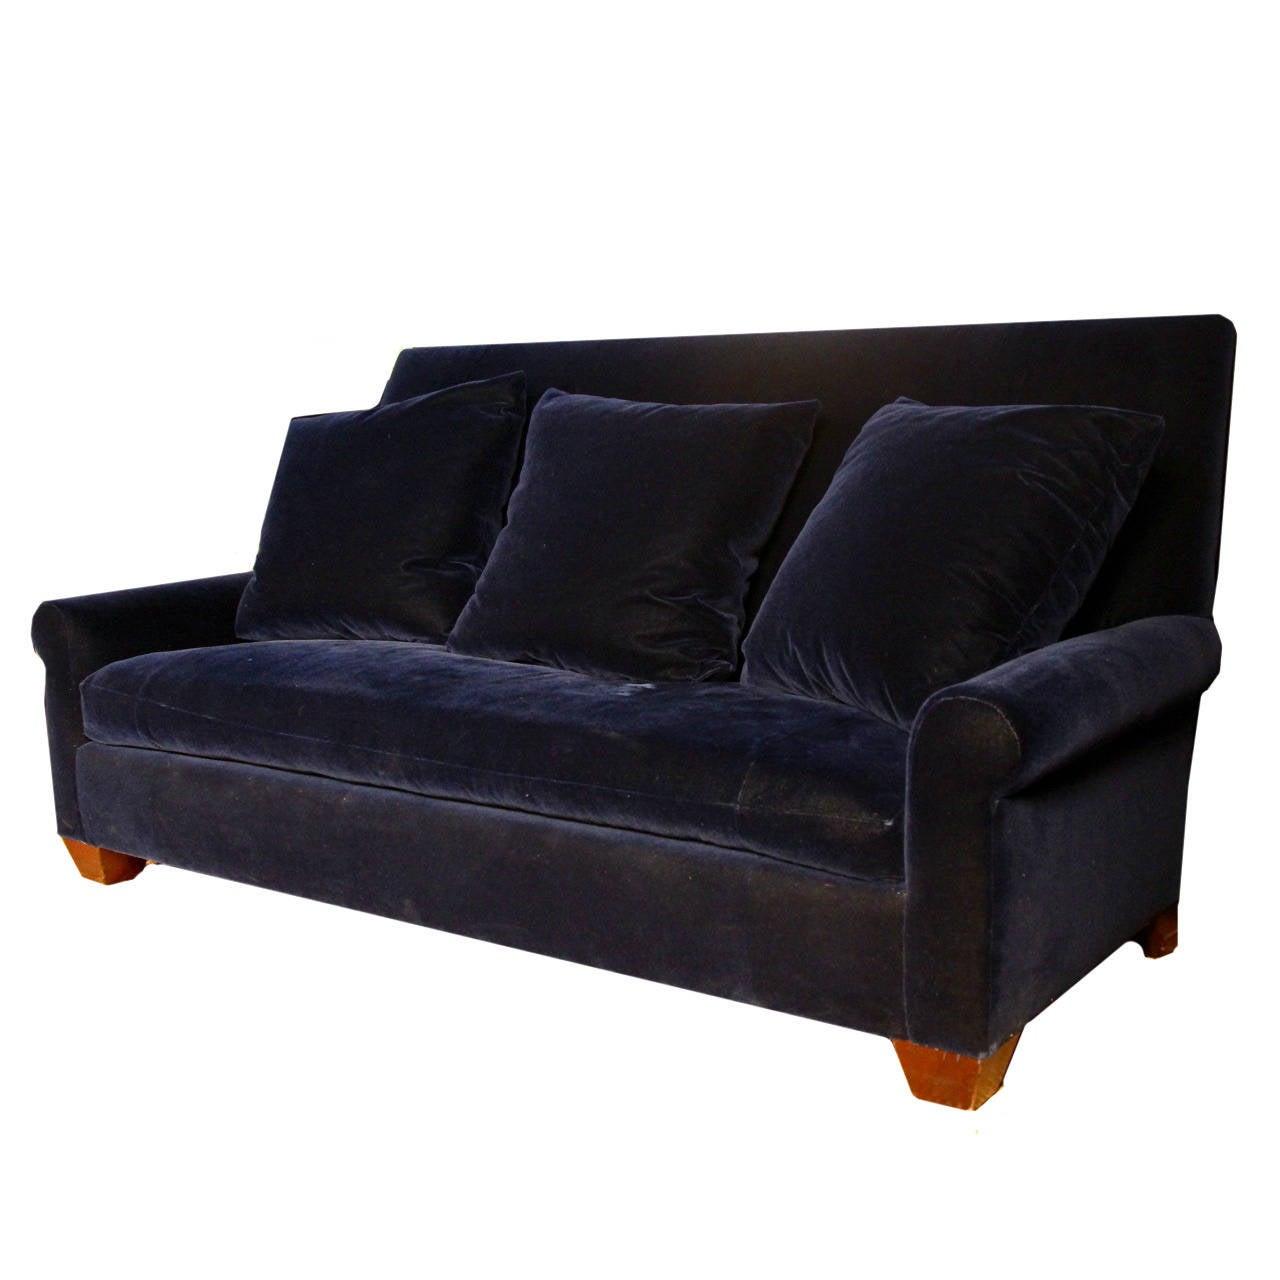 Angelo Donghia Newly Upholstered Navy Velvet Sofa For Sale